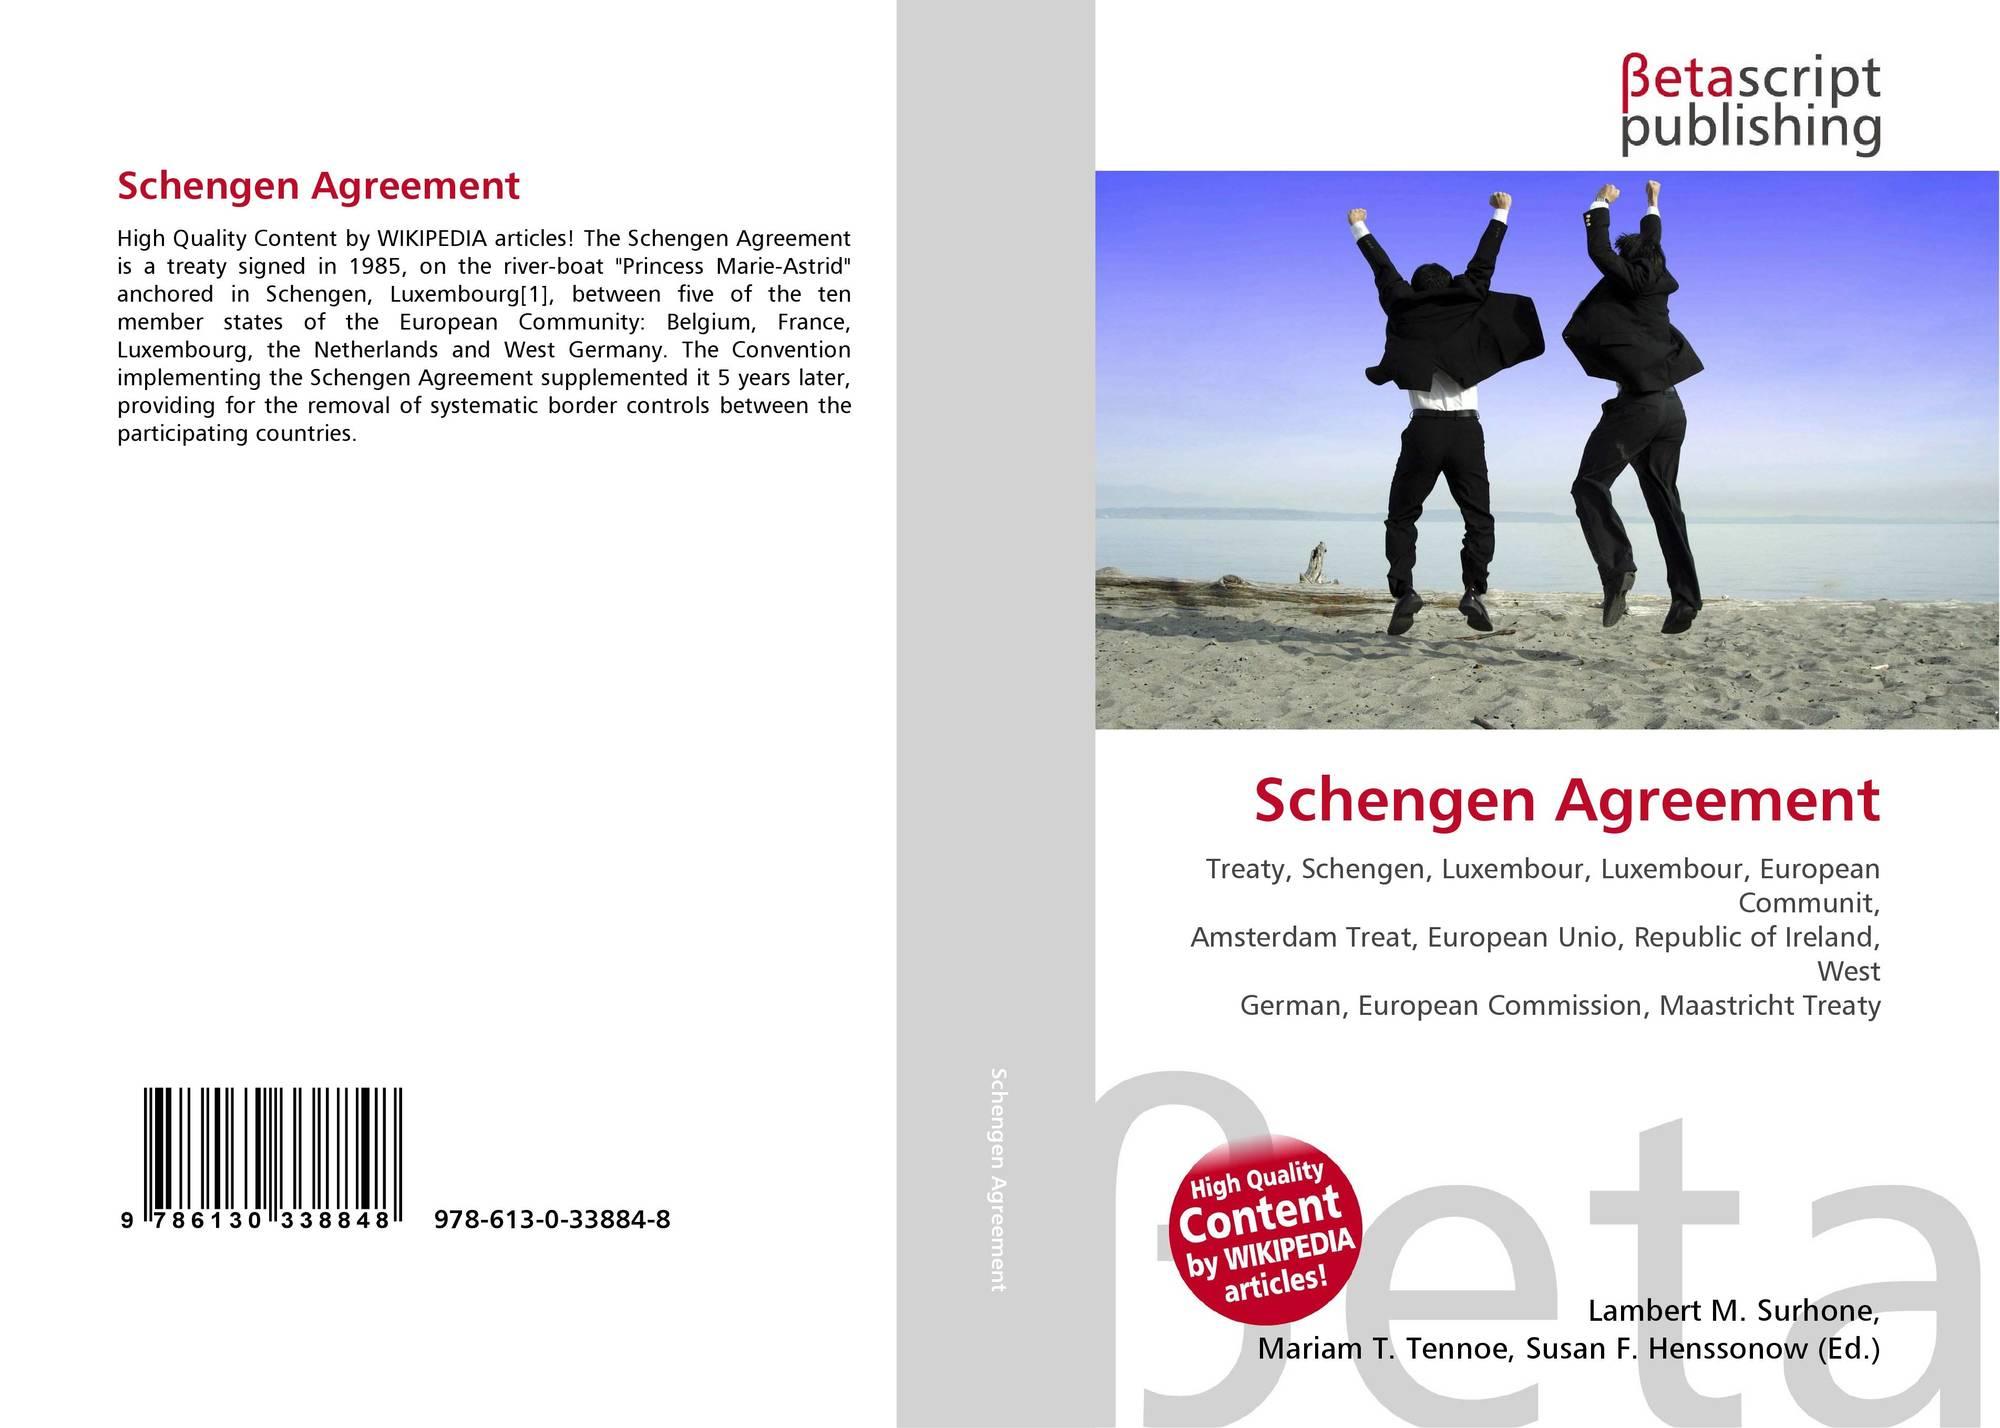 Schengen Agreement 978 613 0 33884 8 6130338848 9786130338848